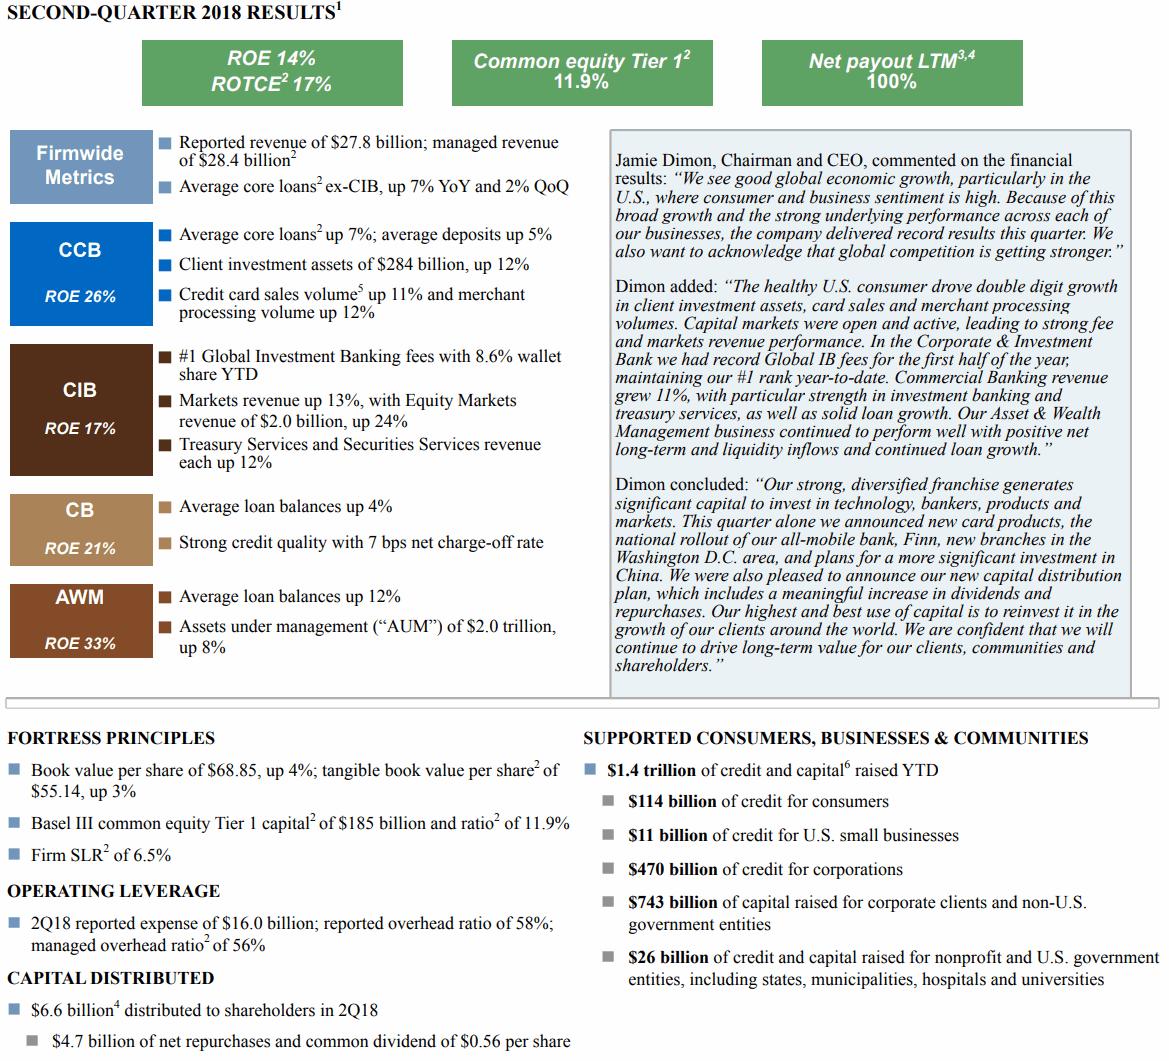 JPMorgan-18Q2-Results